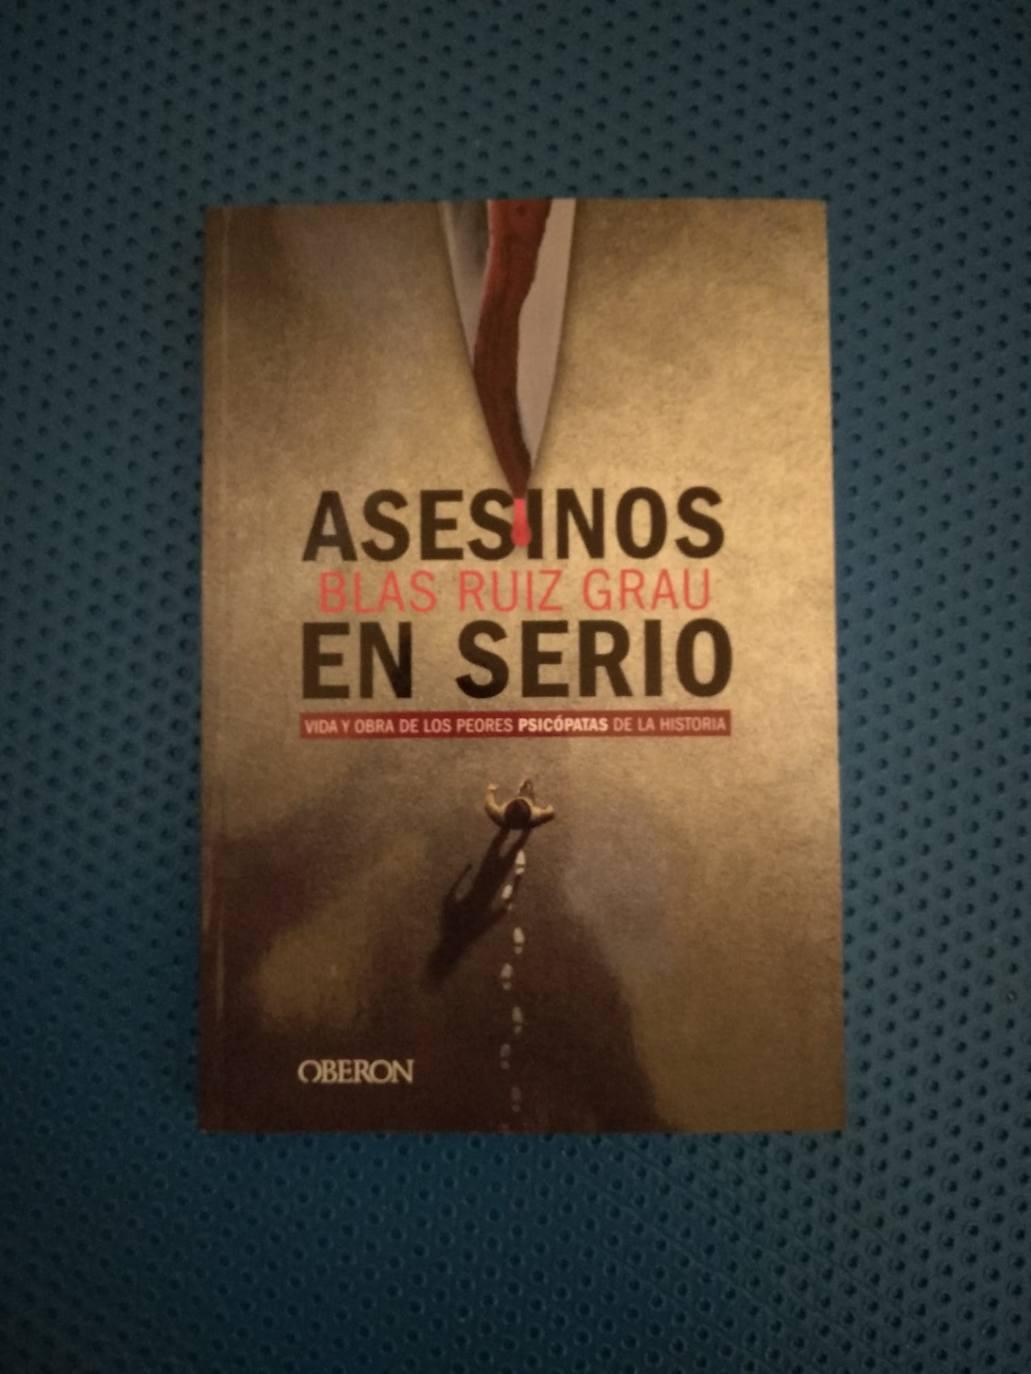 15 Recomendaciones Literarias Para El Confinamiento Burgosconecta